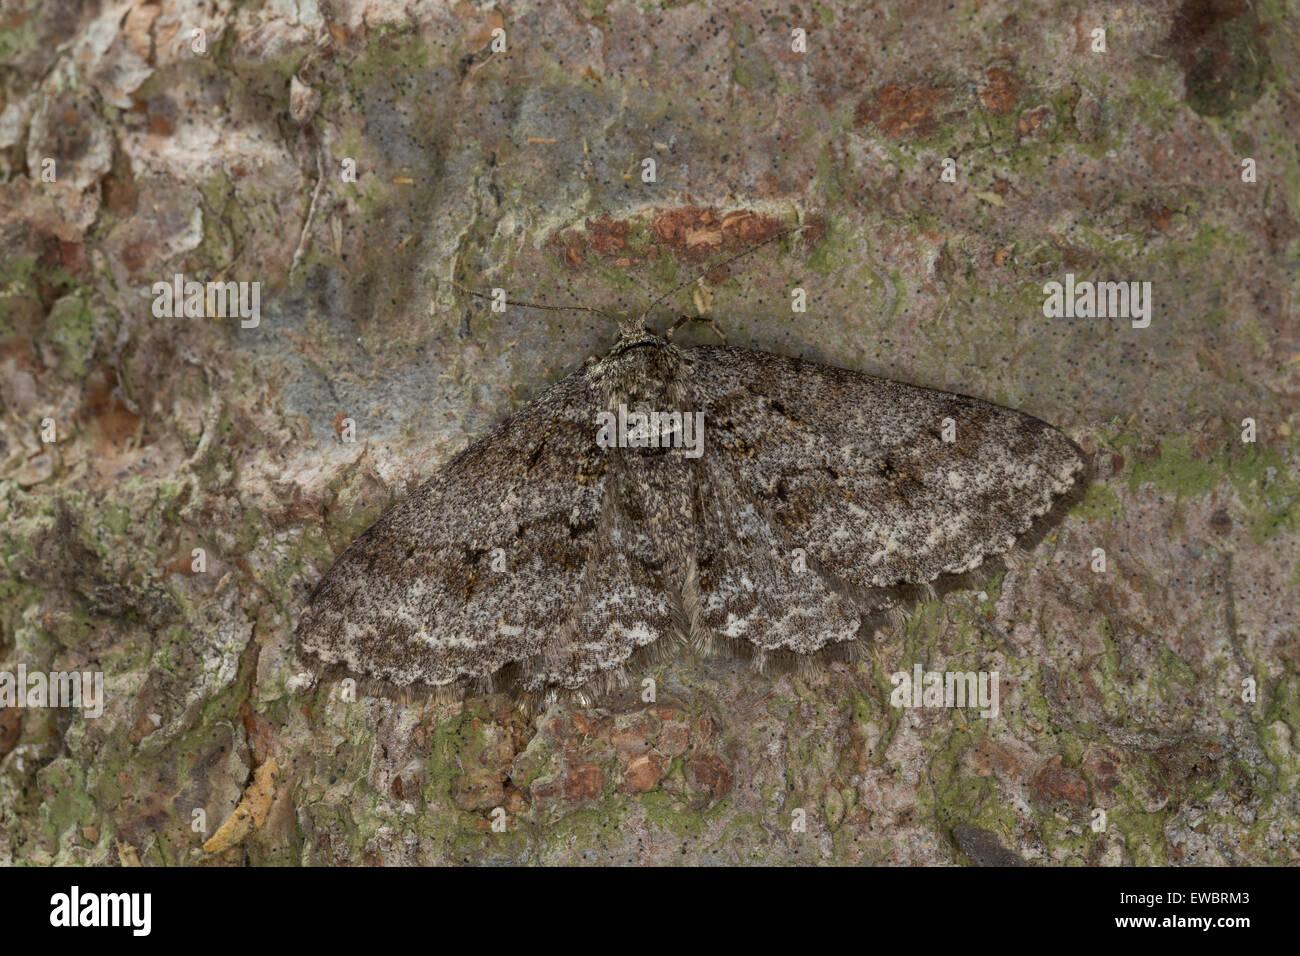 Small Engrailed, hieroglyphic moth, Zackenbindiger Rindenspanner, Pflaumenspanner, Ectropis crepuscularia, Ectropis - Stock Image